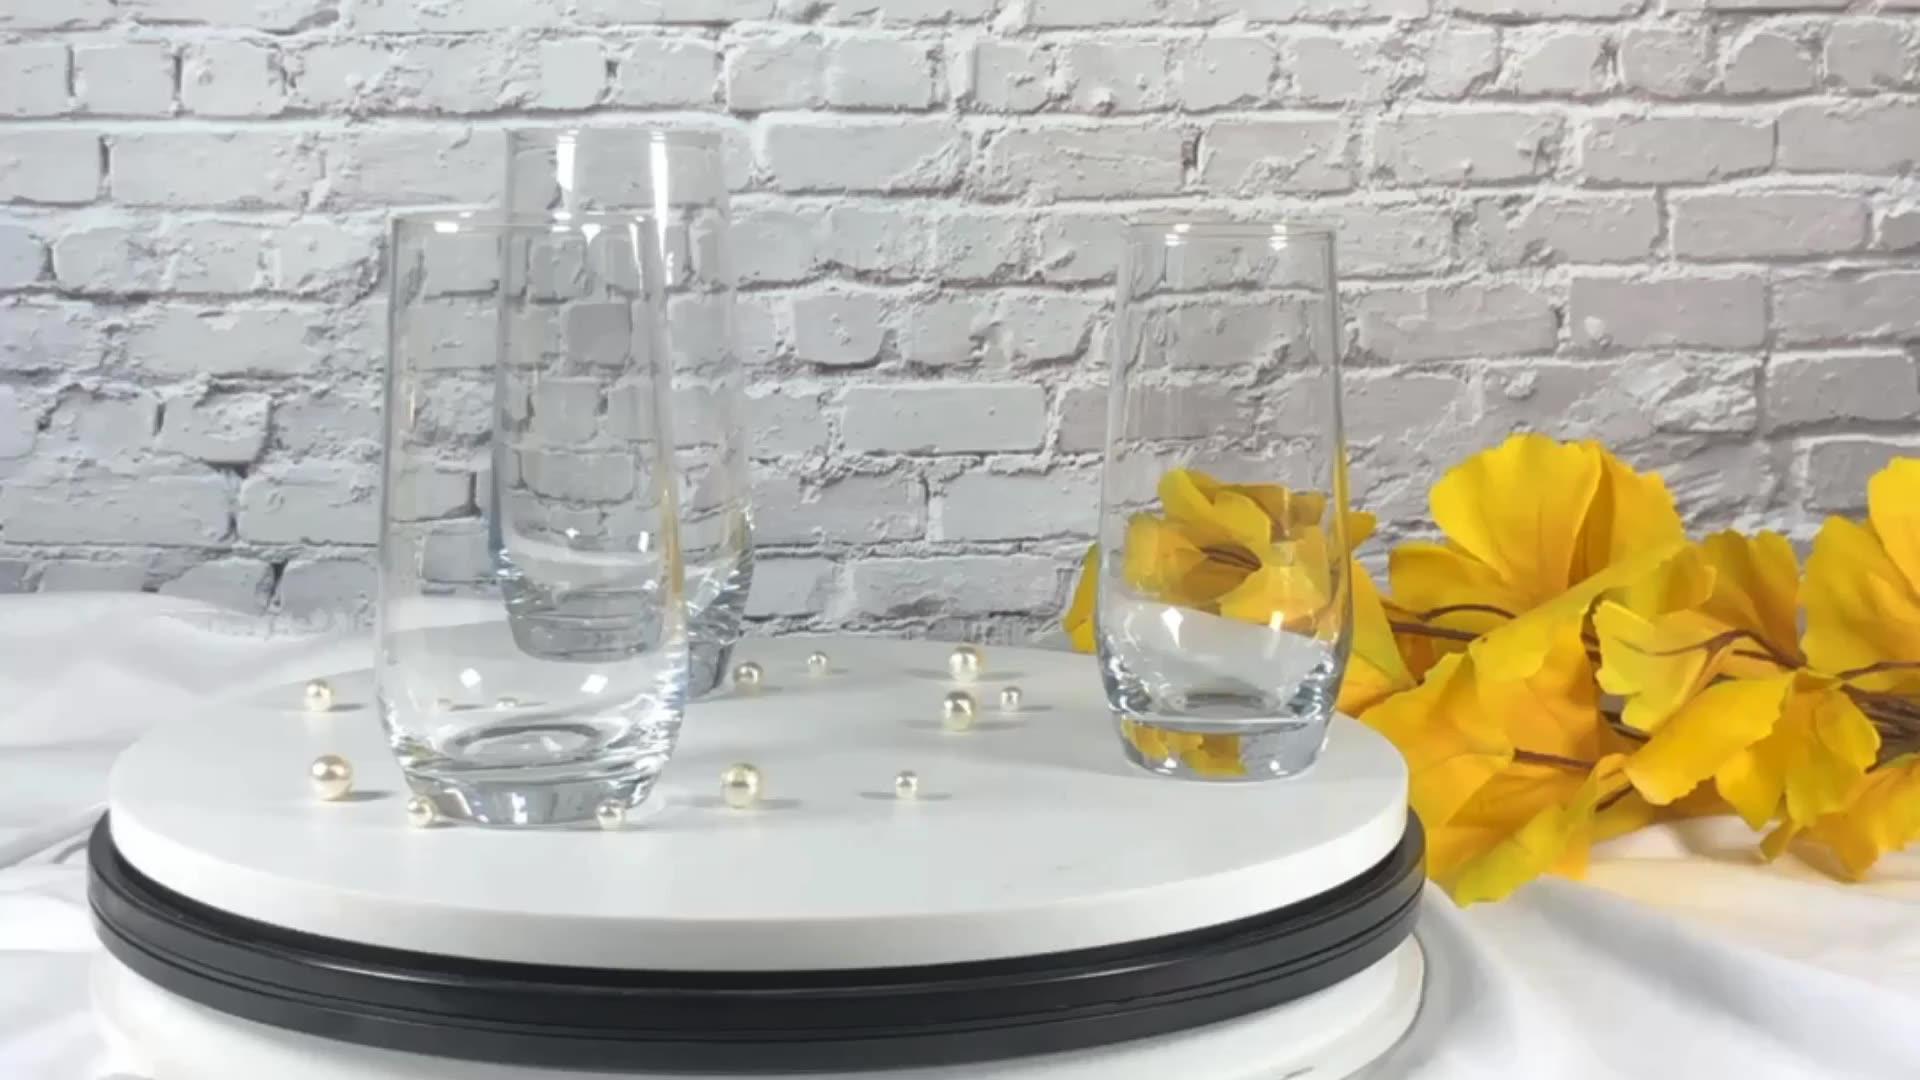 हस्त शिल्प काढ़ा 17 औंस लंबा लड़का ग्लास स्पष्ट कप स्वनिर्धारित लोगो मुद्रण के साथ कर सकते हैं